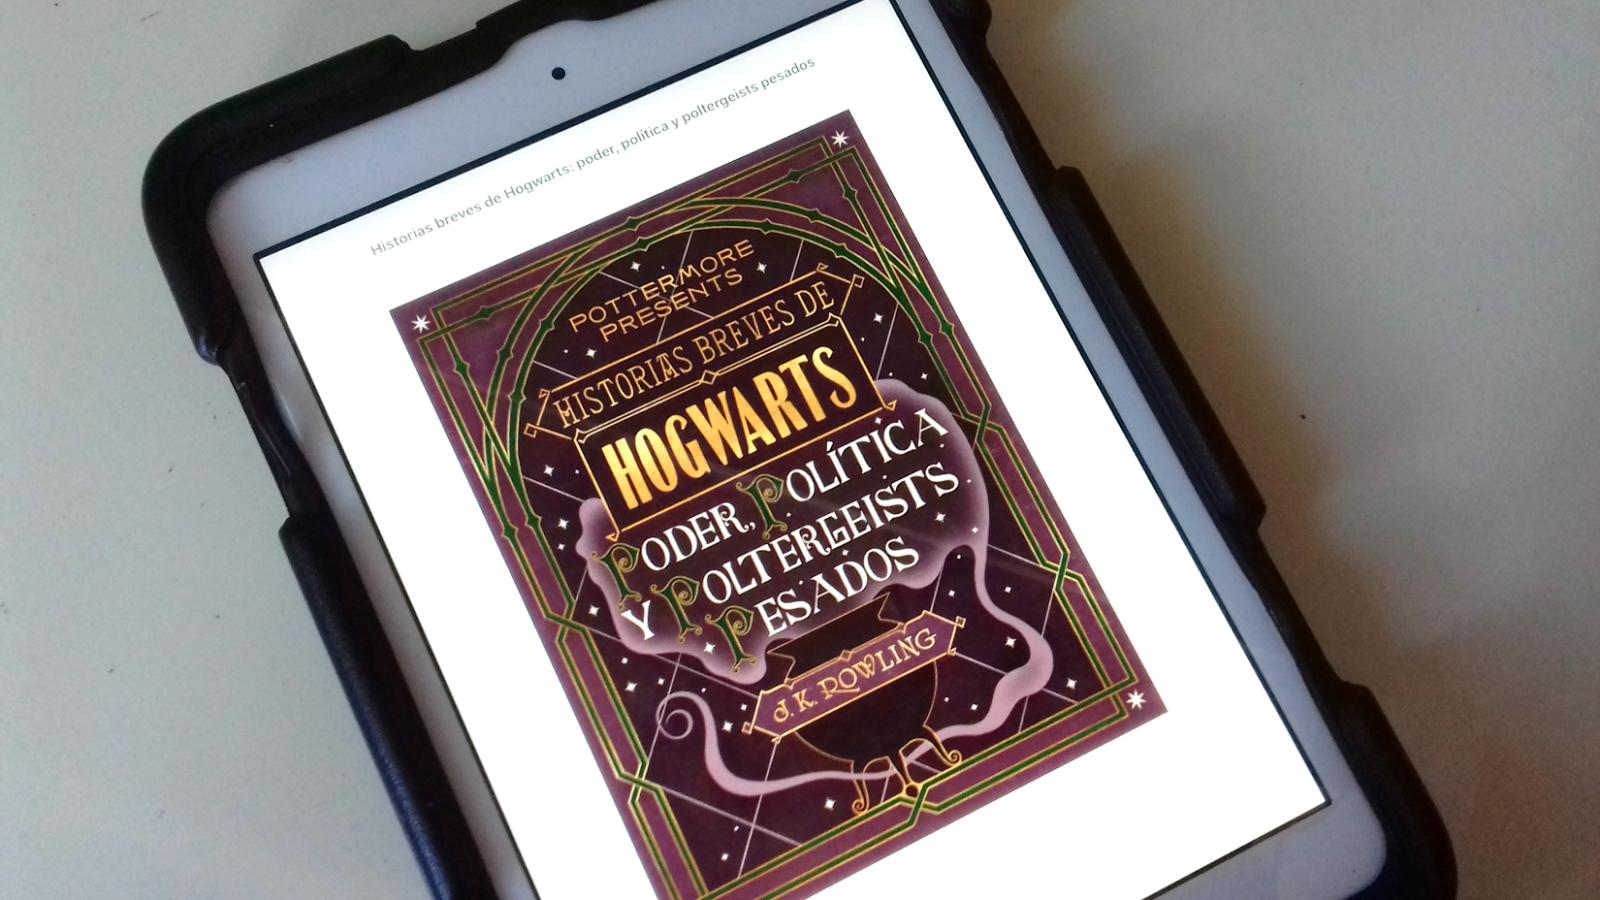 Reseña: Poder, Política y Poltergeists Pesados (Pottermore Presents #2) de  J.K. Rowling